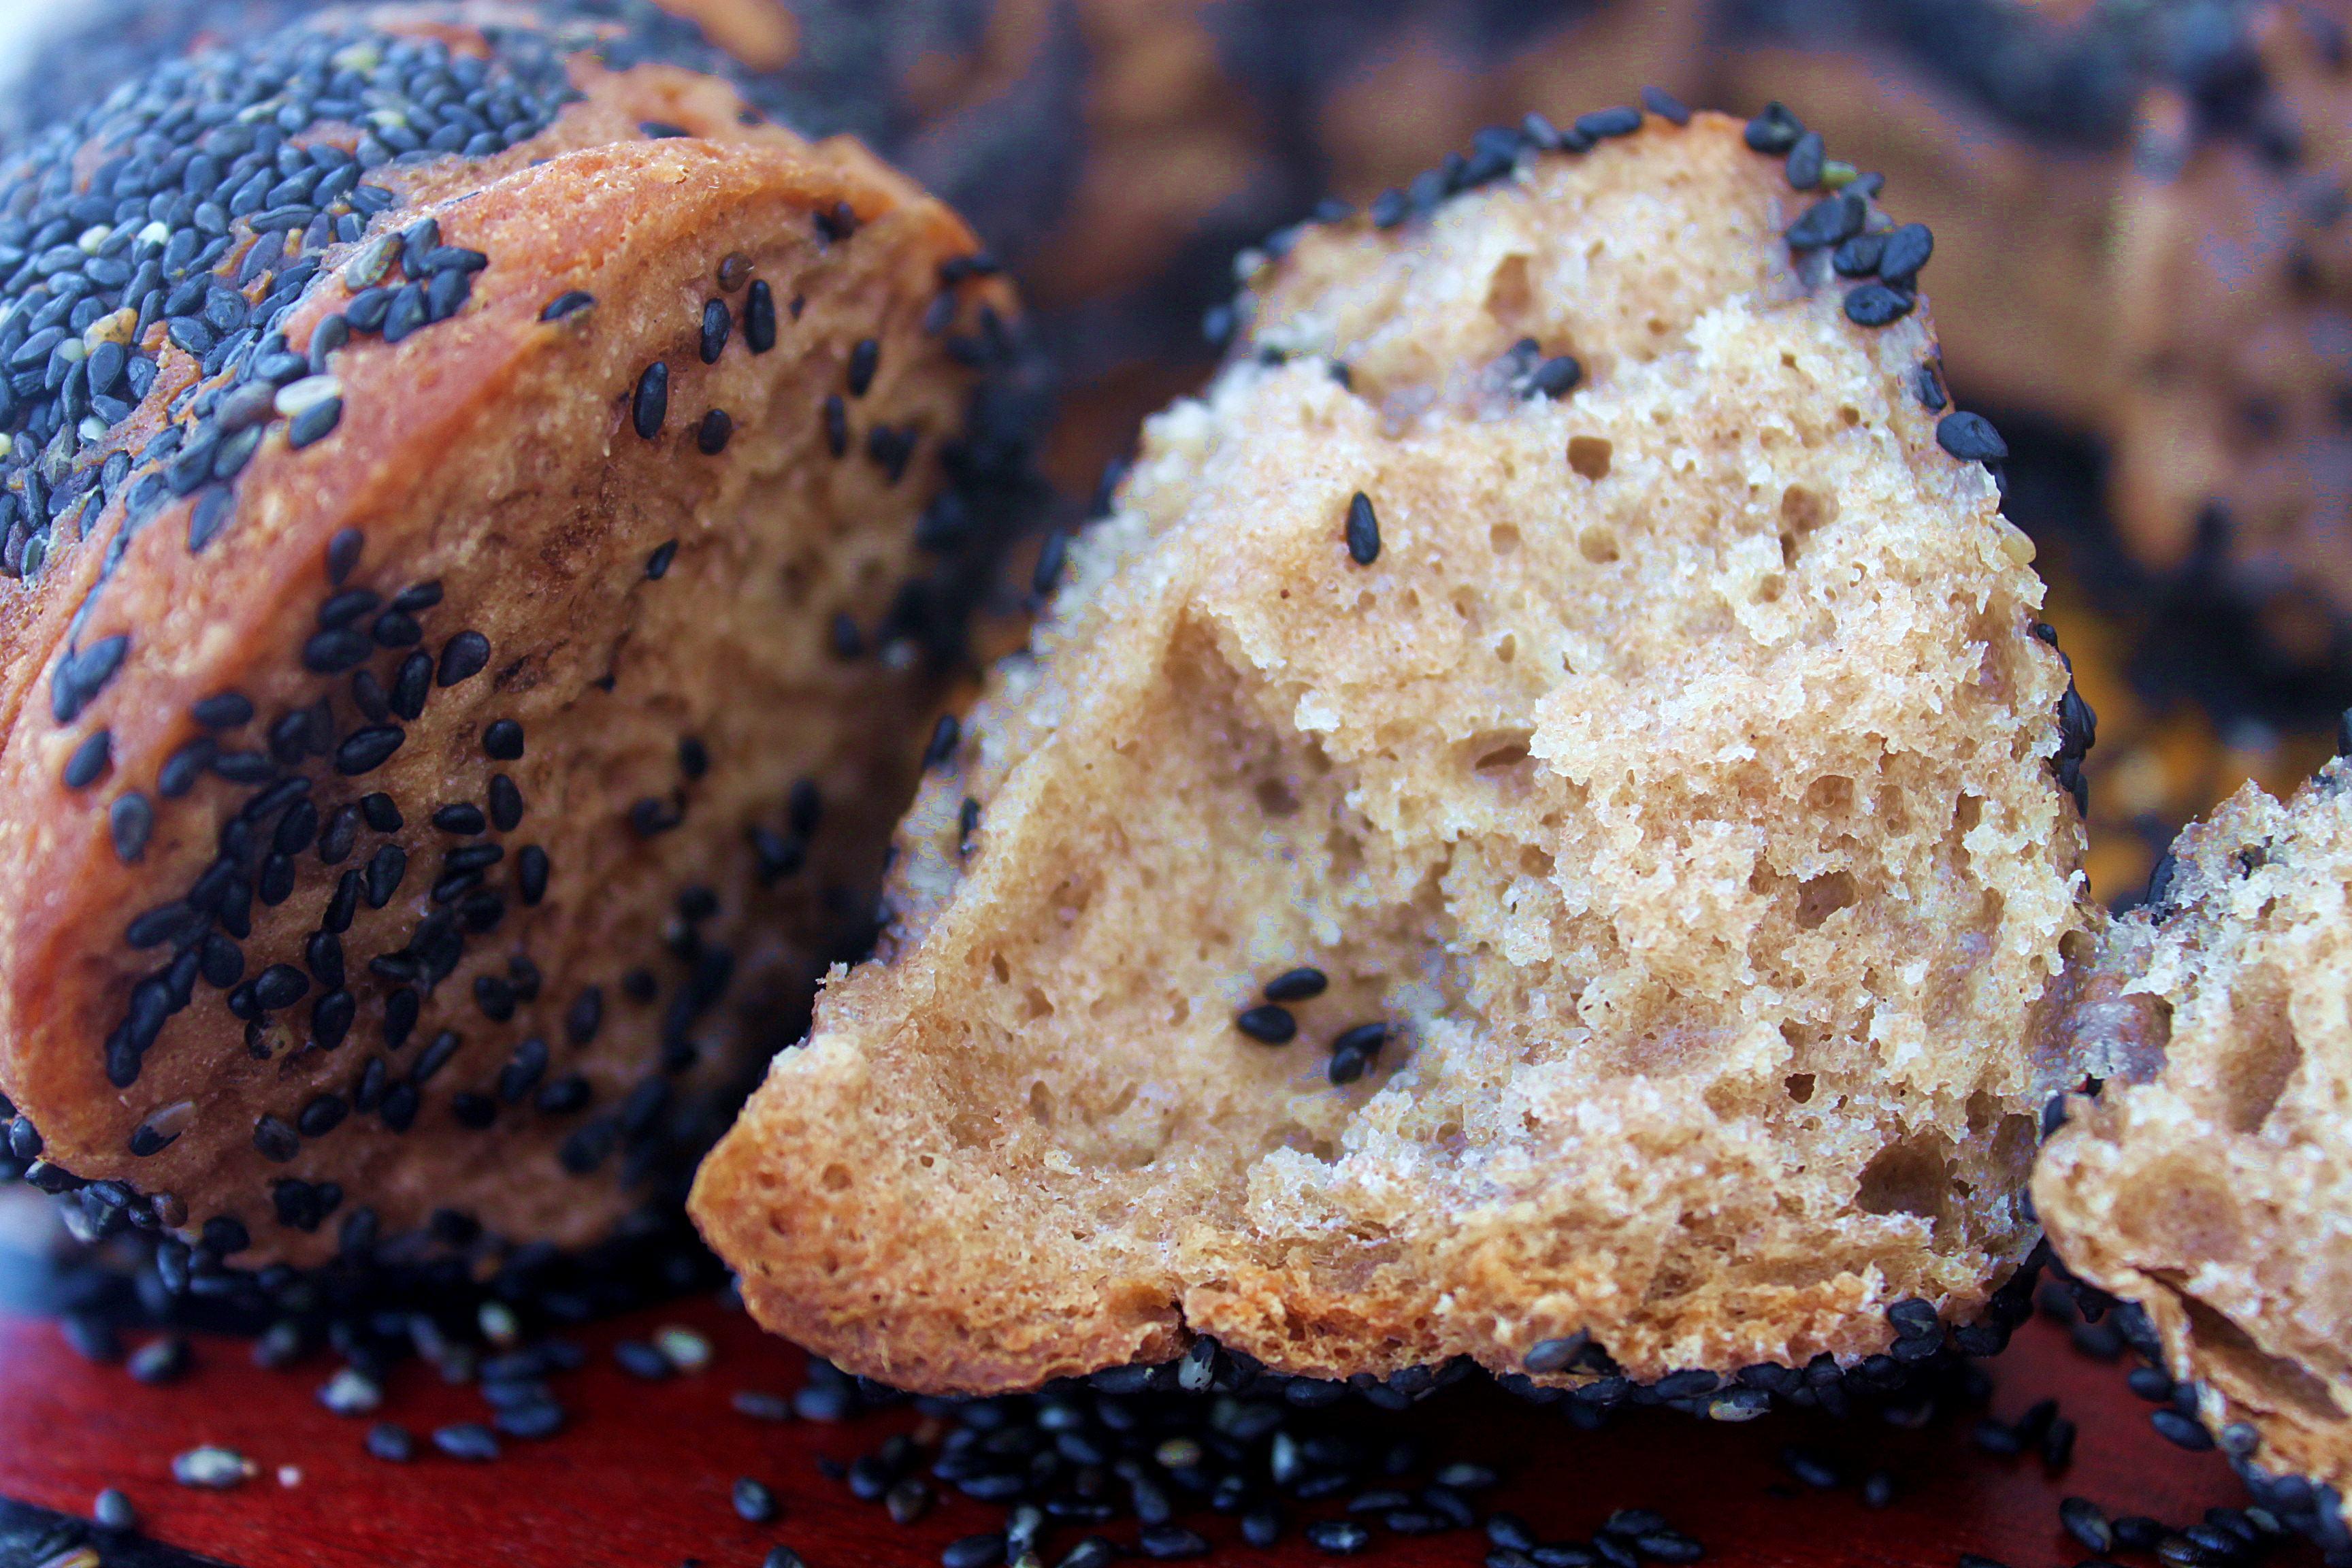 לחם כוסמין ללא שמרים בתוספת שומשום שחור